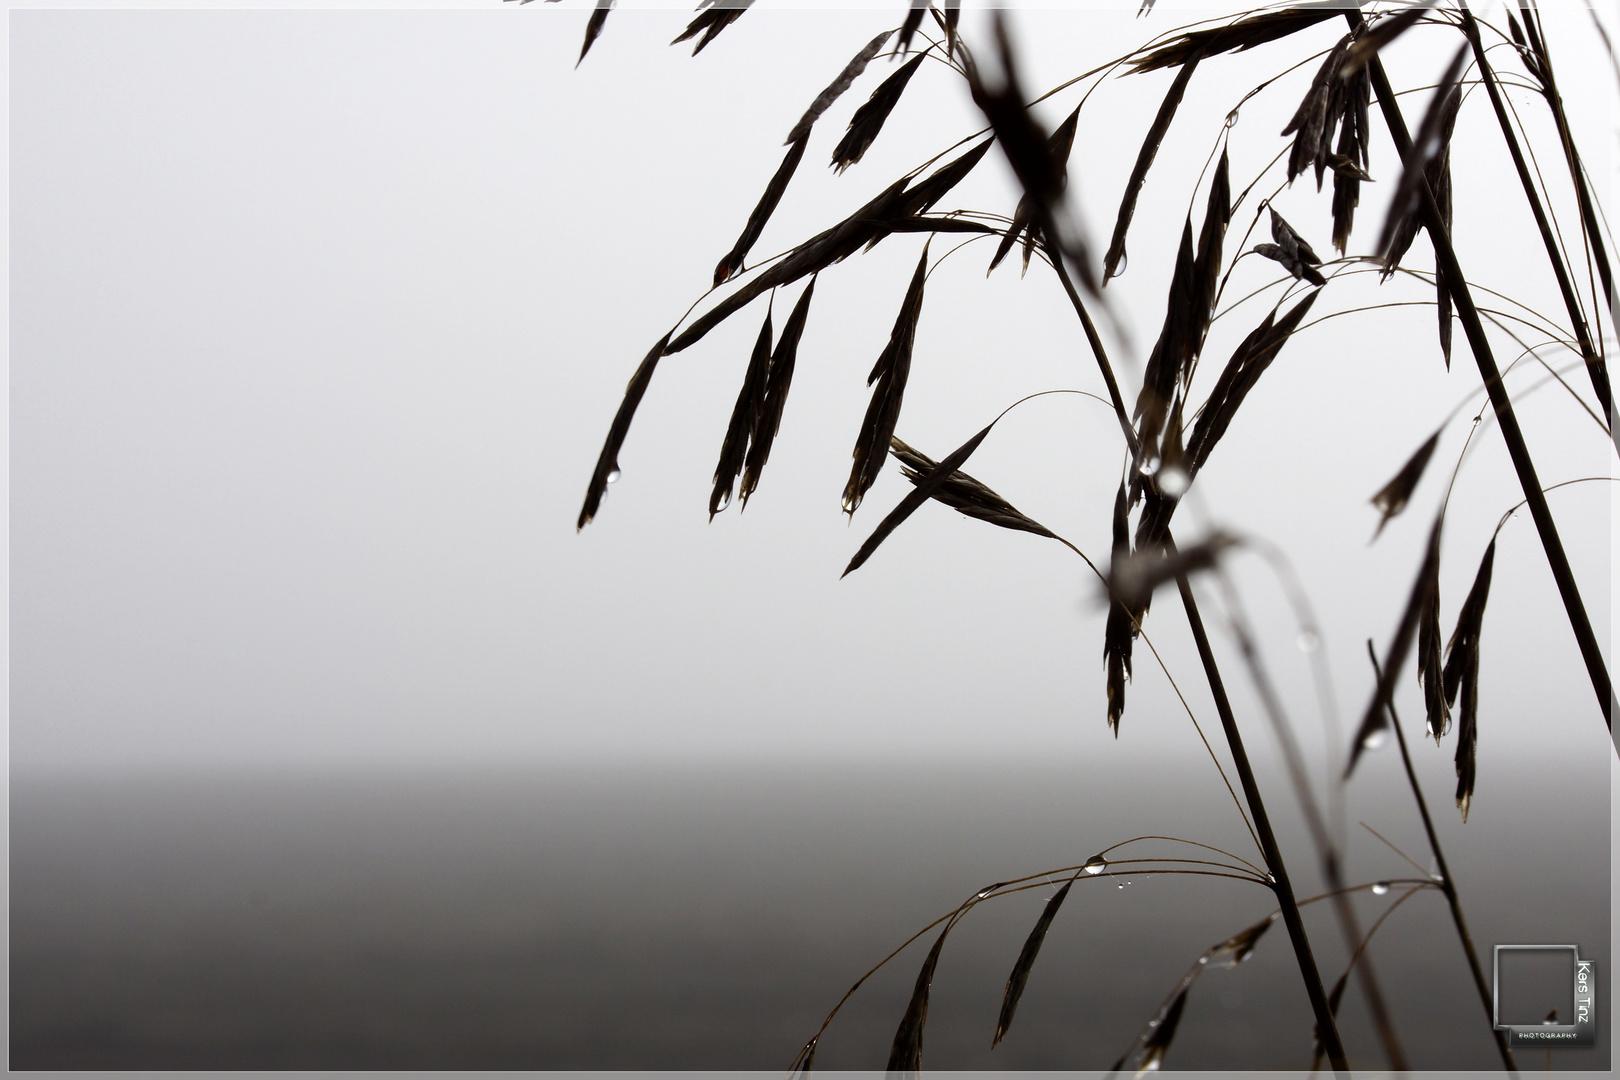 Die Welt versinkt im Nebel